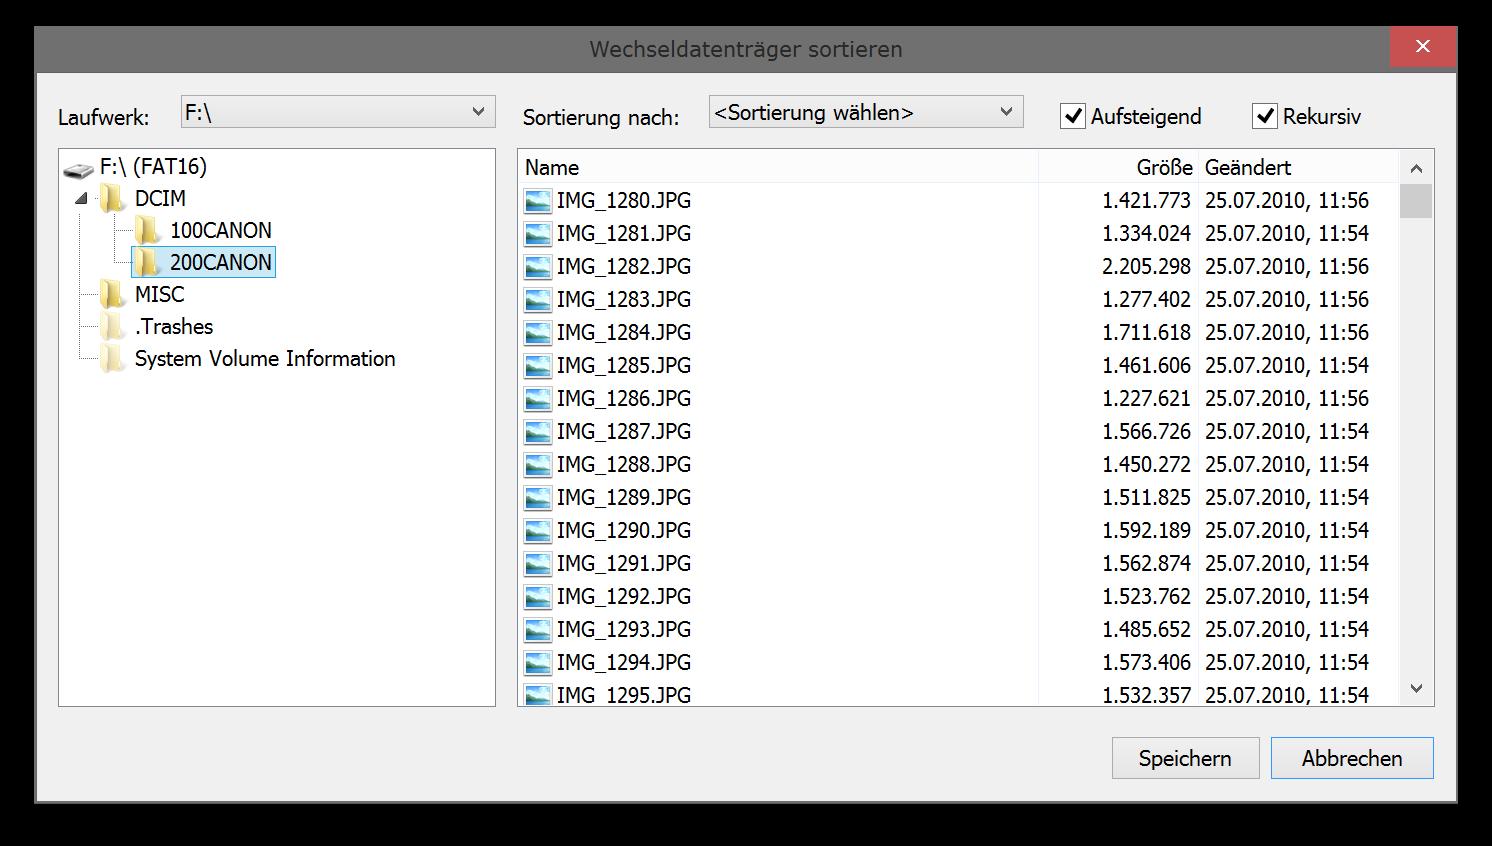 Dateien und Ordner auf Wechseldatenträgern sortieren